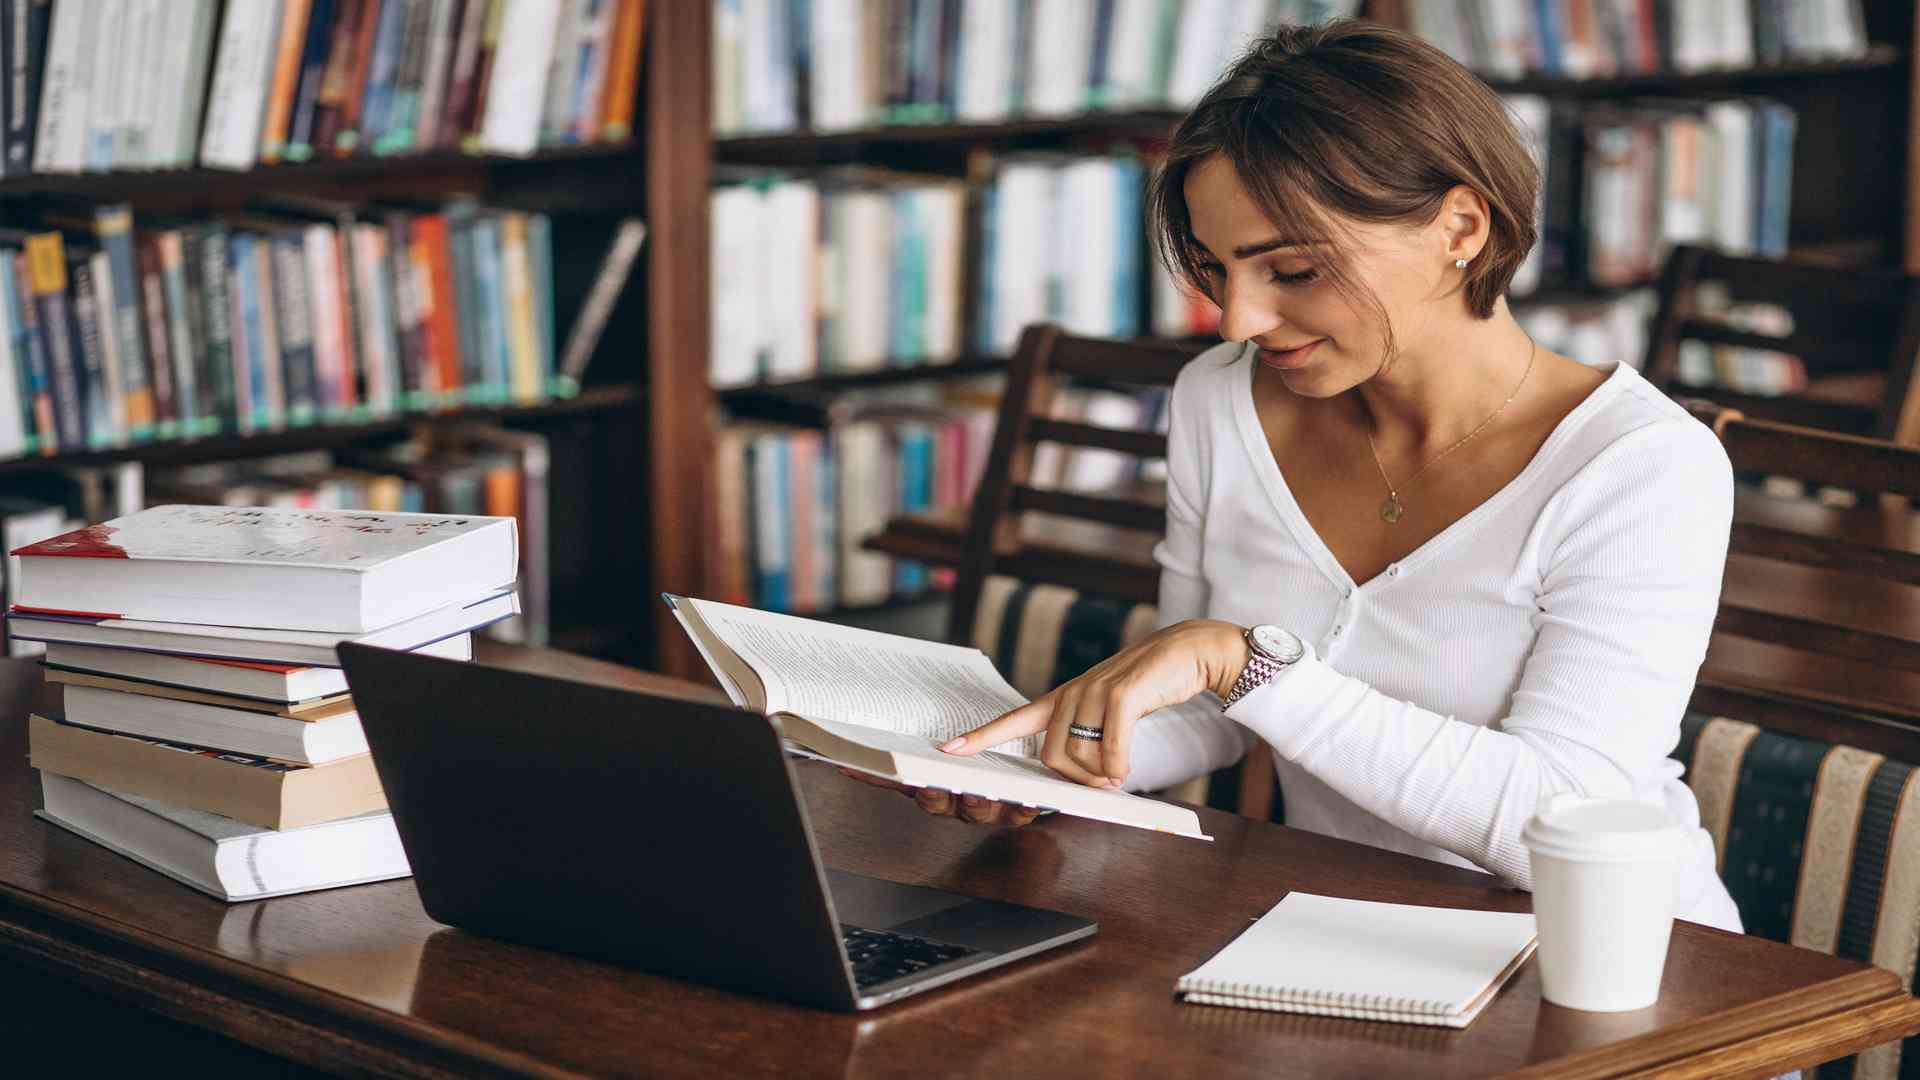 סטודנטית לחינוך כותבת שאלת מחקר בחינוך